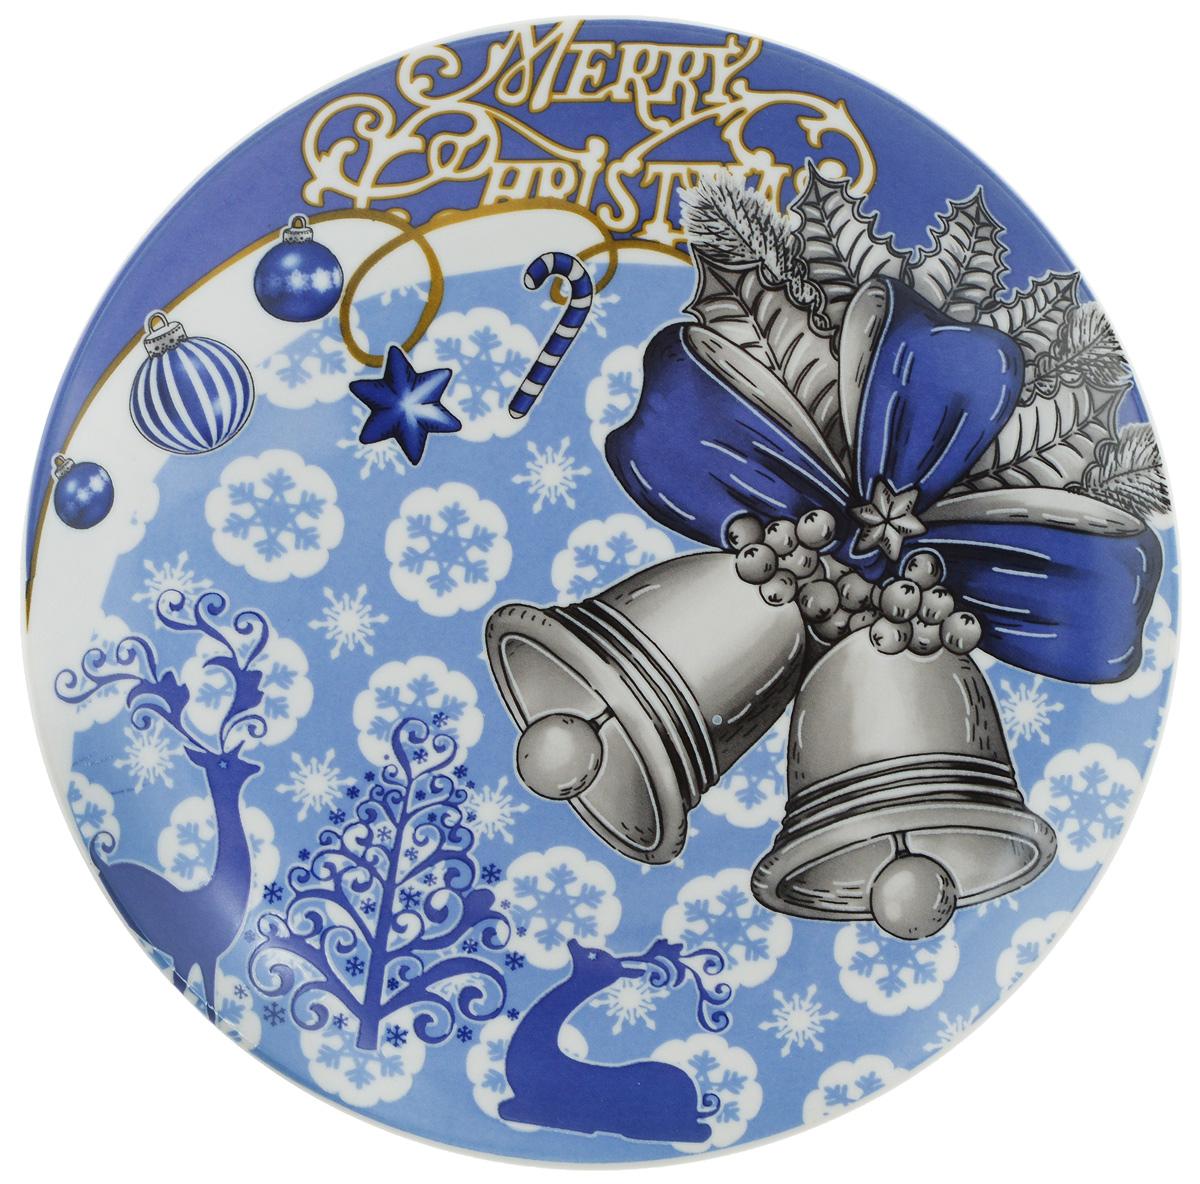 Тарелка Lillo Колокольчики, диаметр 20 смVT-1520(SR)Тарелка Lillo Колокольчики изготовлена из качественной керамики. Изделие декорировано красивым рисунком в виде двух колокольчиков и снежинок. Такая тарелка отлично подойдет в качестве блюда для сервировки закусок и нарезок, ее также можно использовать как обеденную. Тарелка Lillo Колокольчики будет потрясающе смотреться на новогоднем столе. Яркий запоминающийся дизайн и качество исполнения сделают ее отличным новогодним подарком. Не рекомендуется использовать в микроволновой печи и мыть в посудомоечной машине.